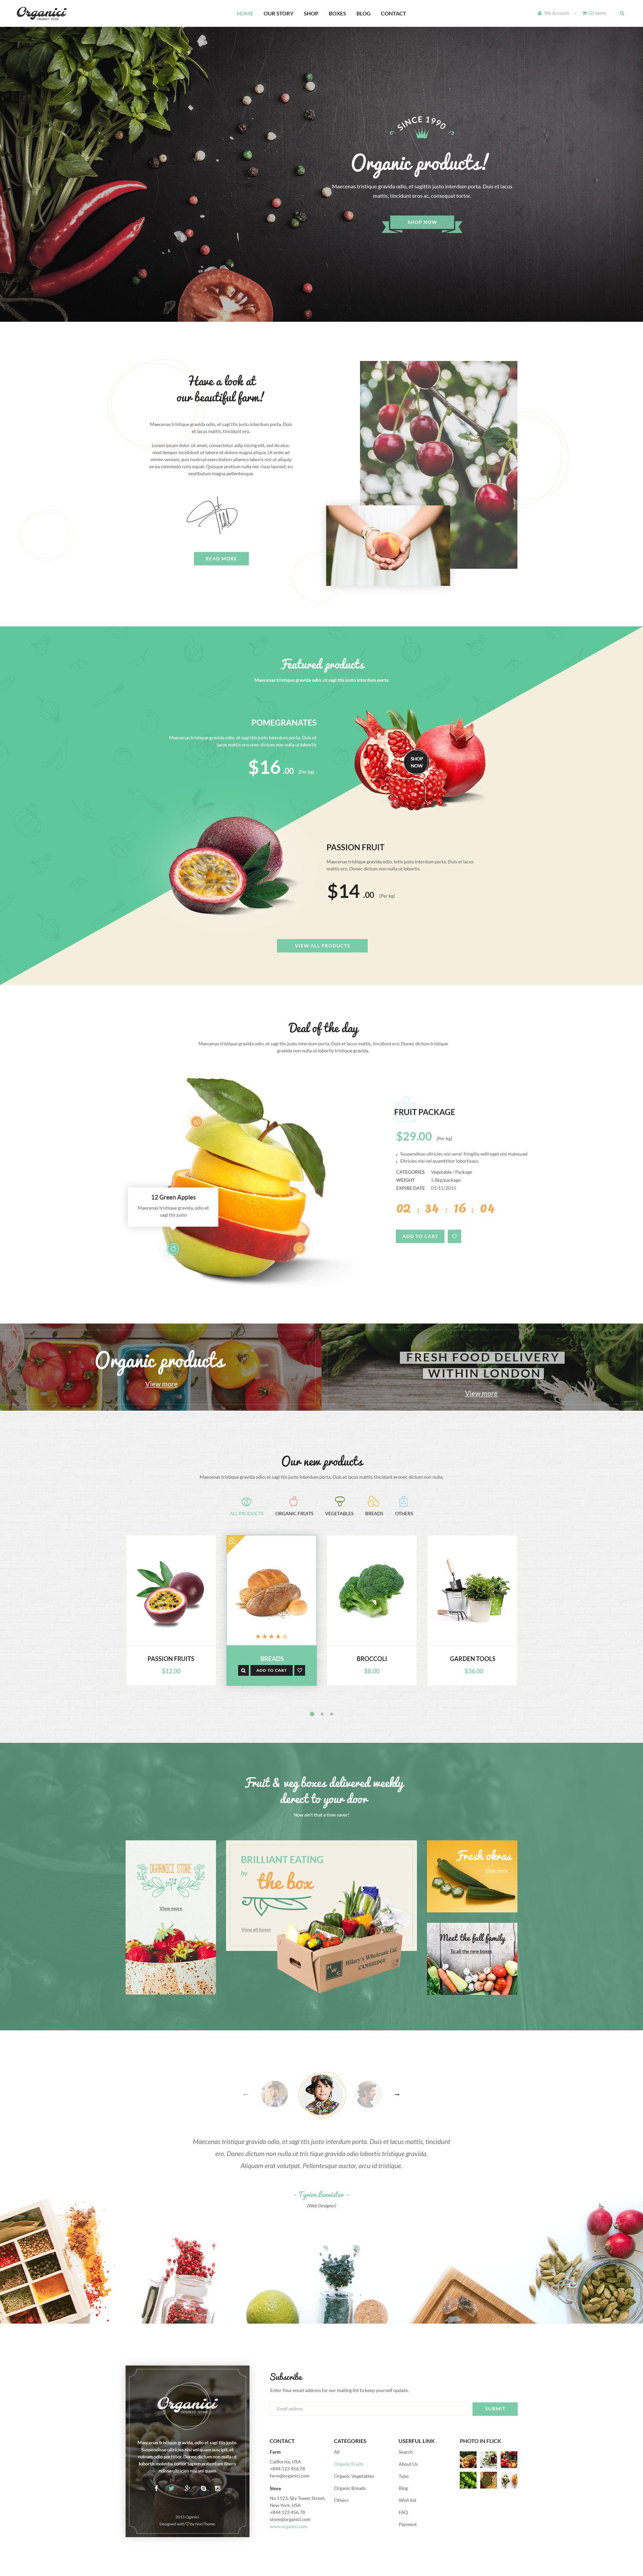 30-Minute Recipes | Pagina web, Diseño web minimalista y Diseño ...